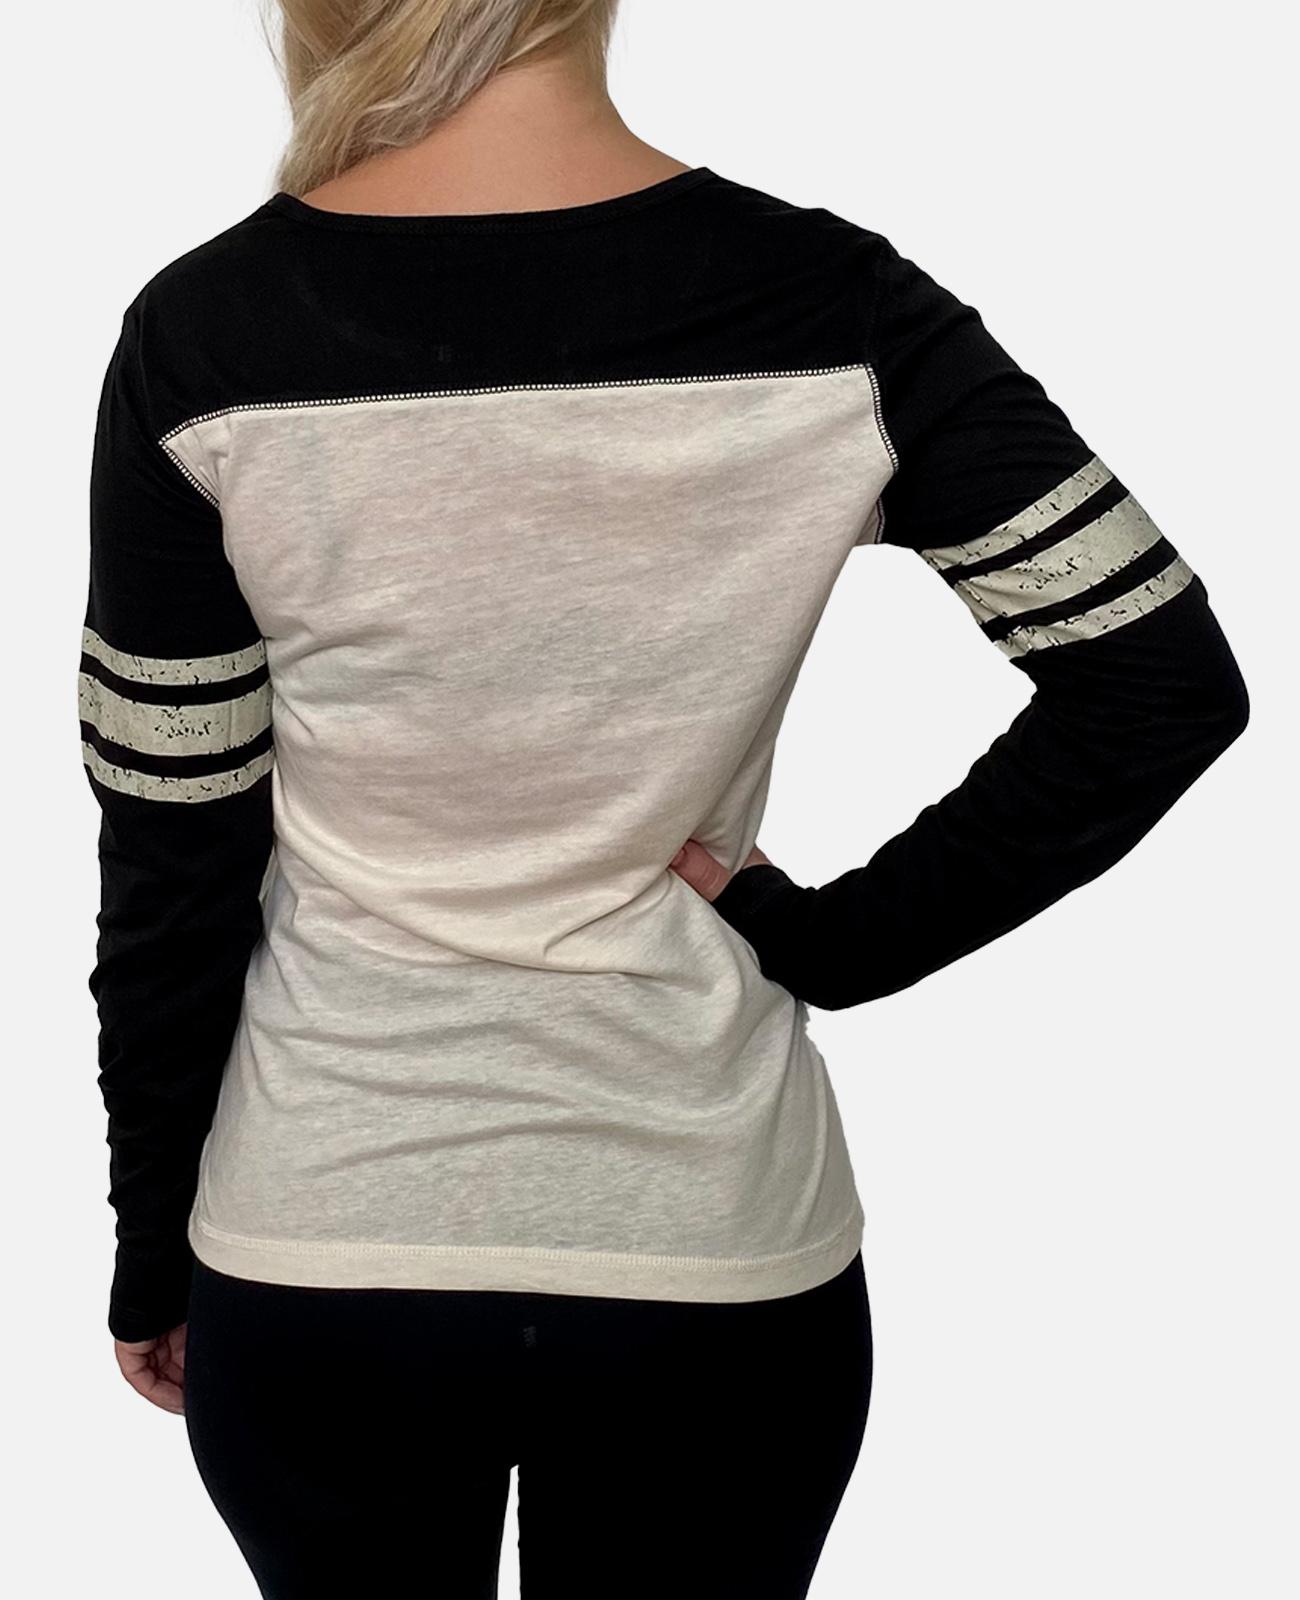 Женские регланы и футболки с быстрой доставкой по России